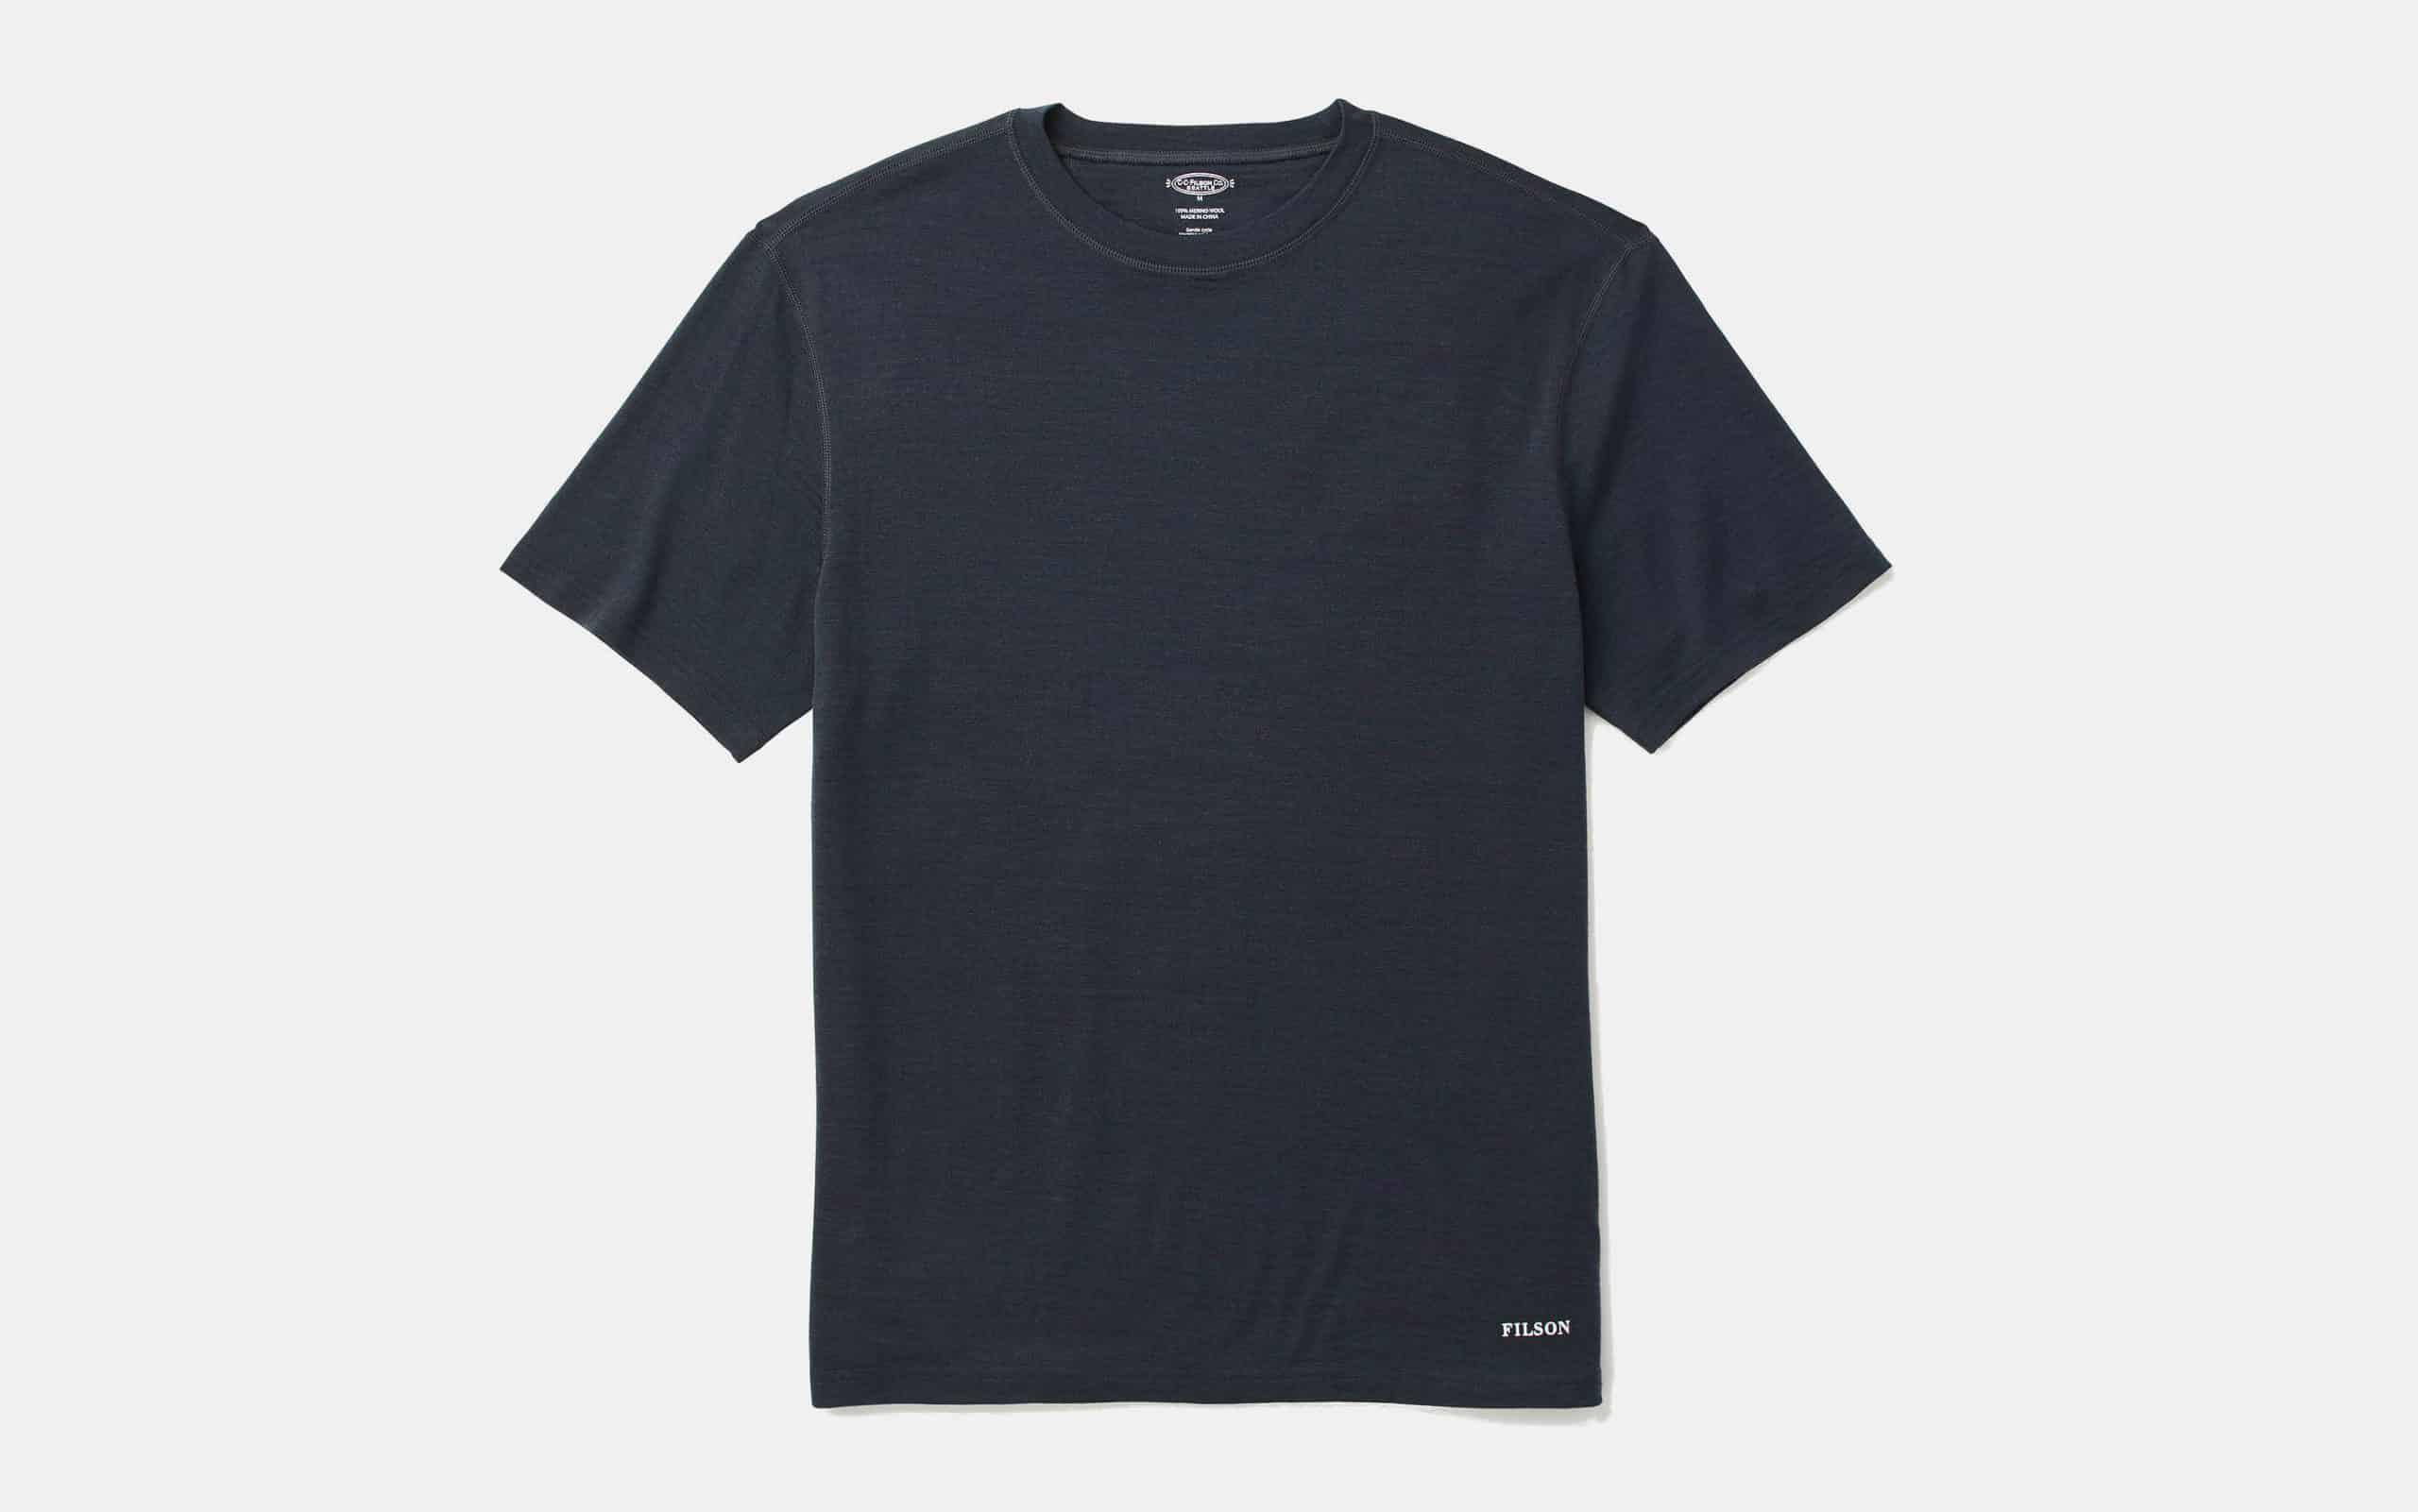 Filson 210g Merino Wool Short Sleeve Crew Shirt